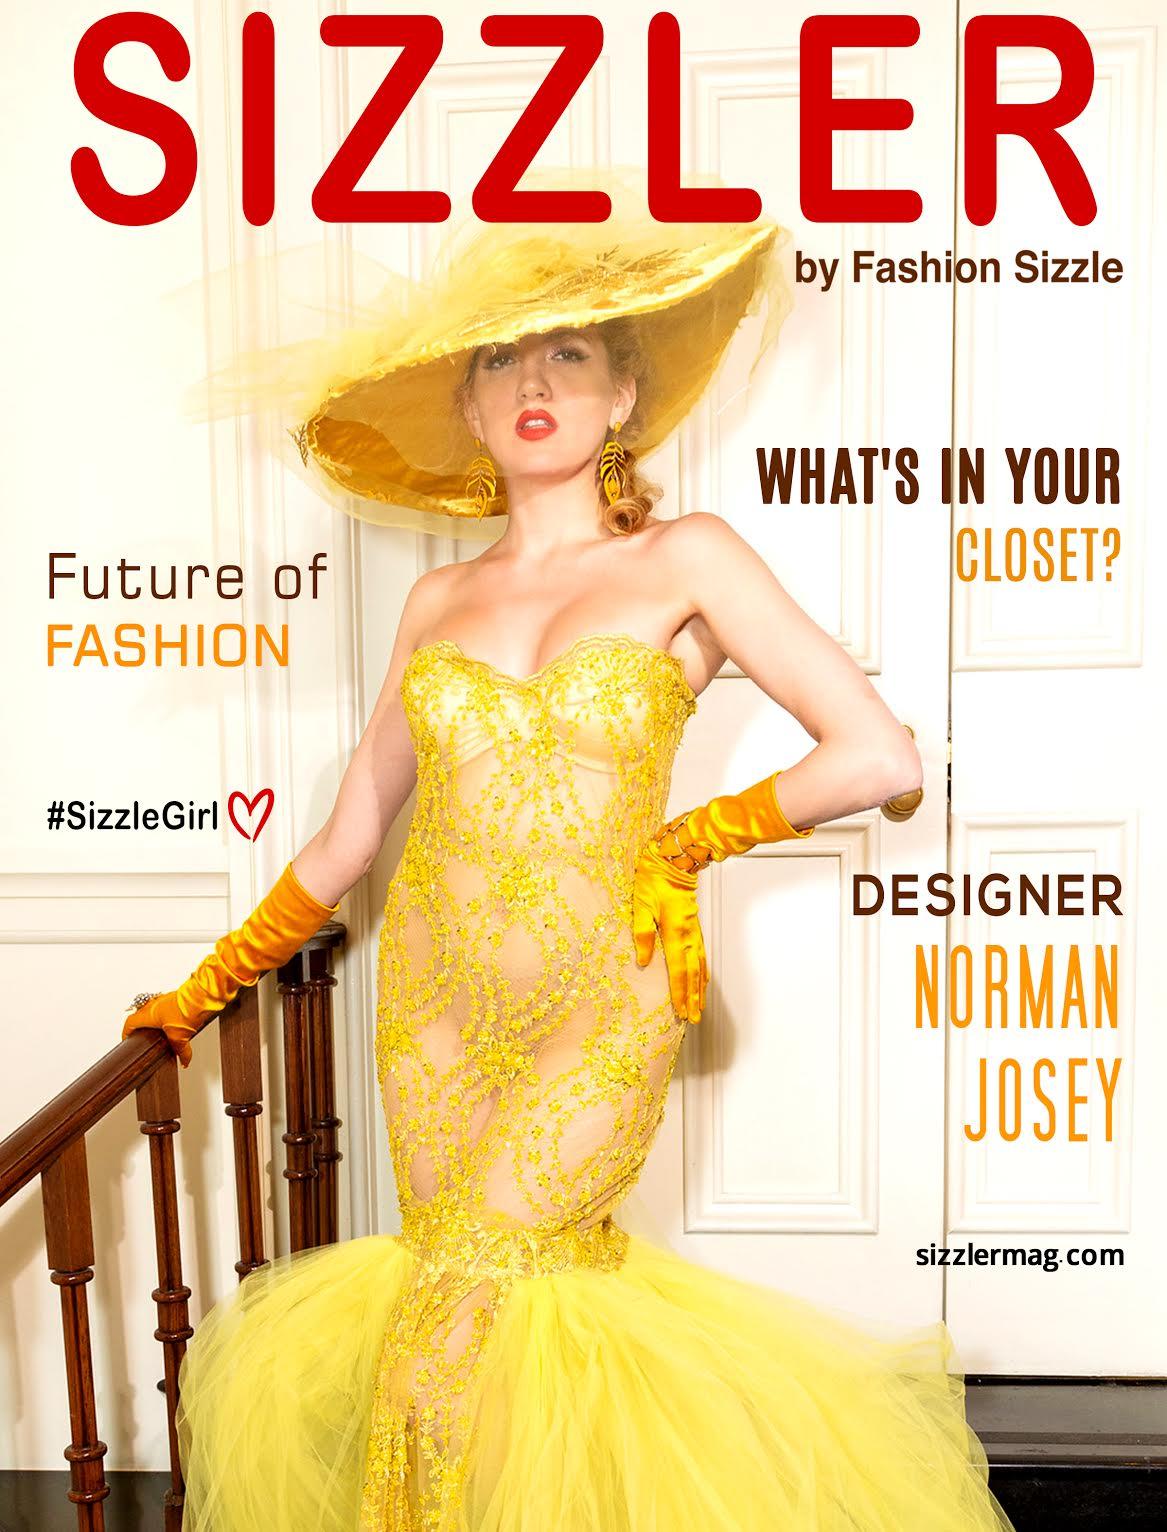 sizzler-magazine-a-digital-fashion-lifestyle-magazine-launches